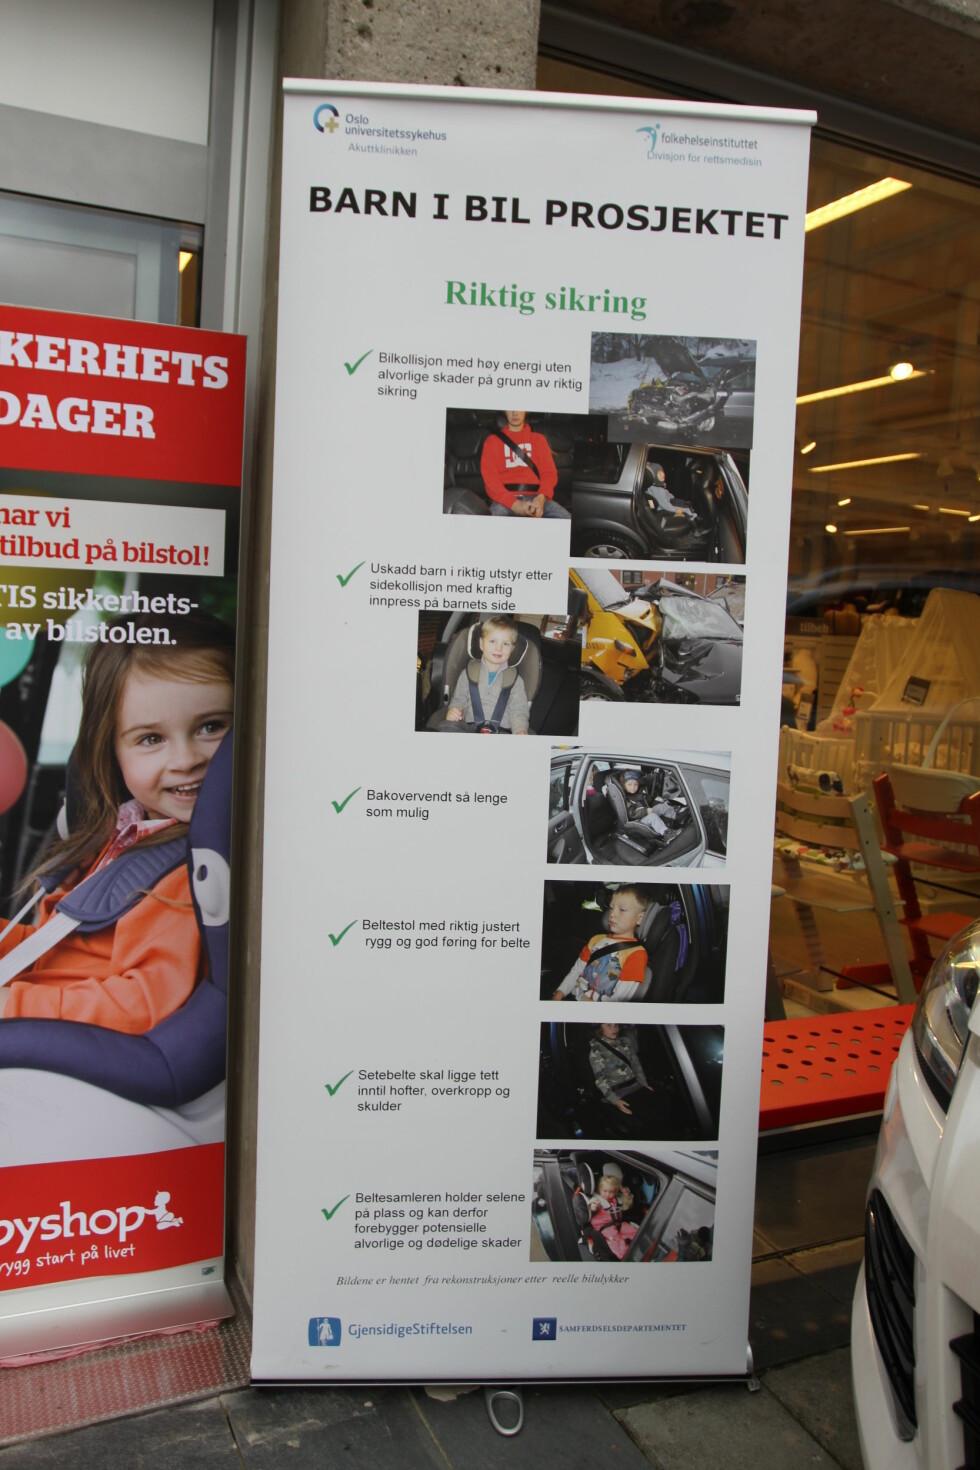 LIVSVIKTIG: På plakaten illustreres det hvordan riktig sikring redder liv. Bildene er rekonstruert fra virkelige hendelser. Foto: MORTEN MOUM